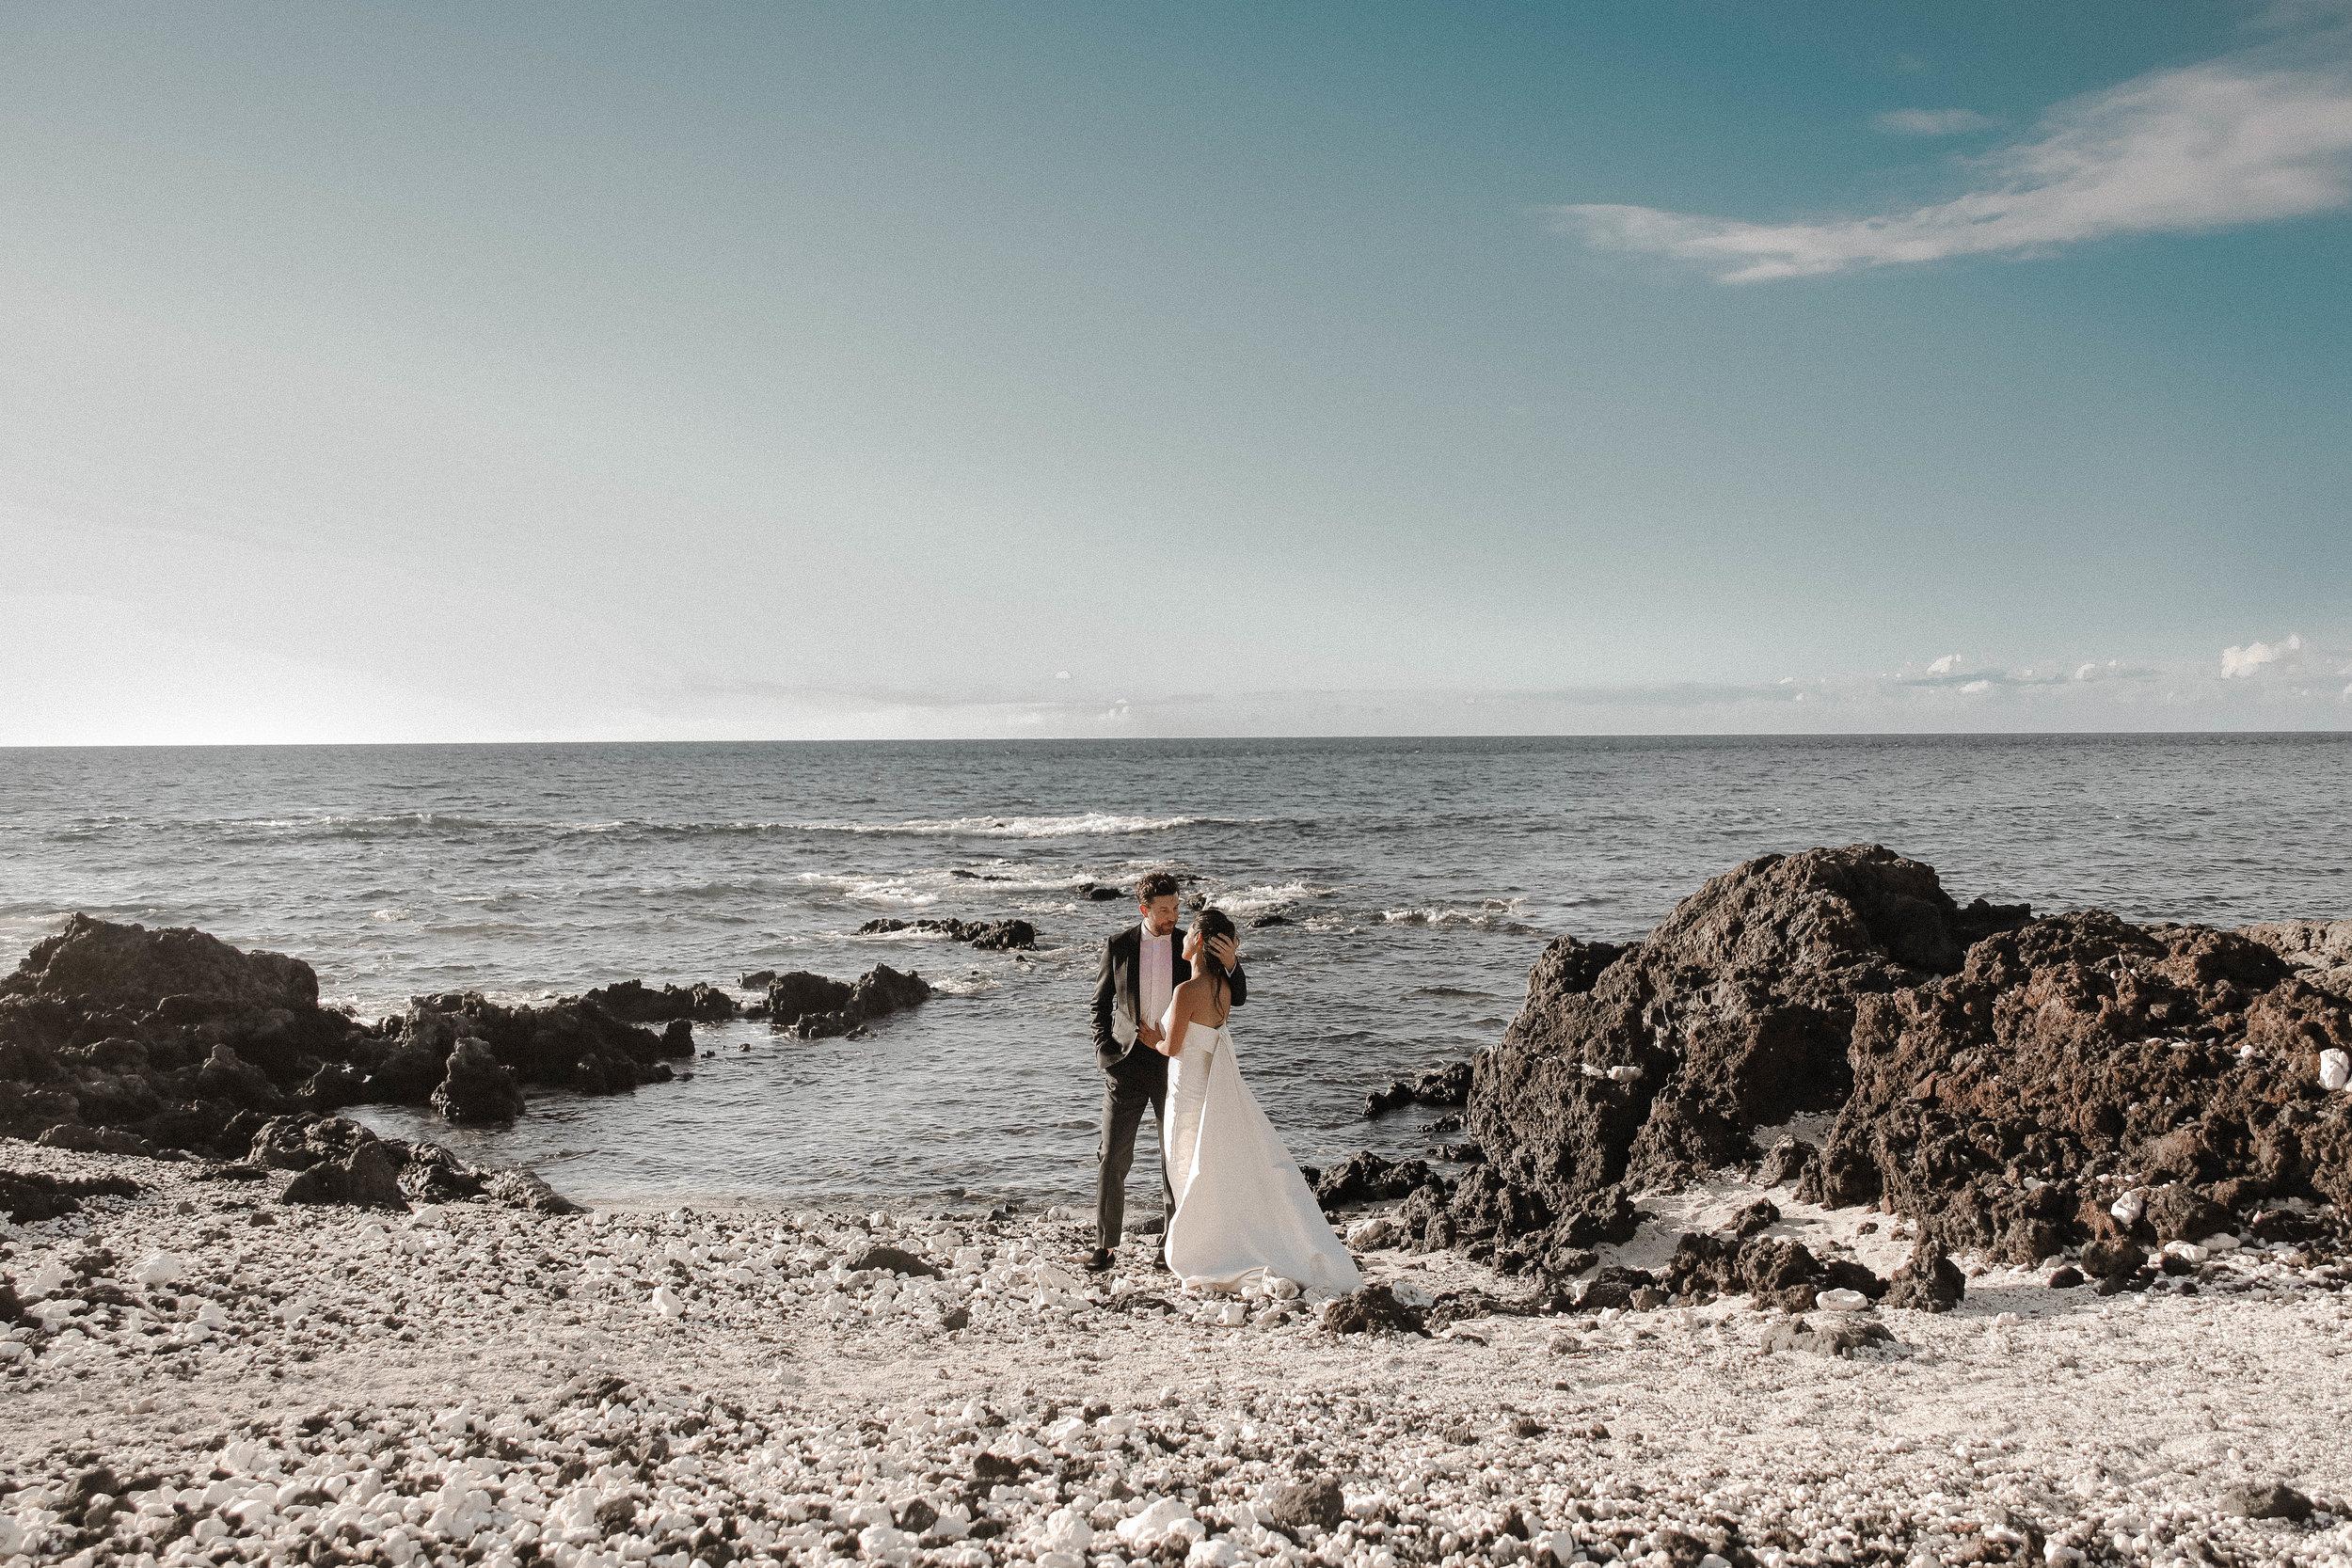 wedding20184M3A1669.jpg